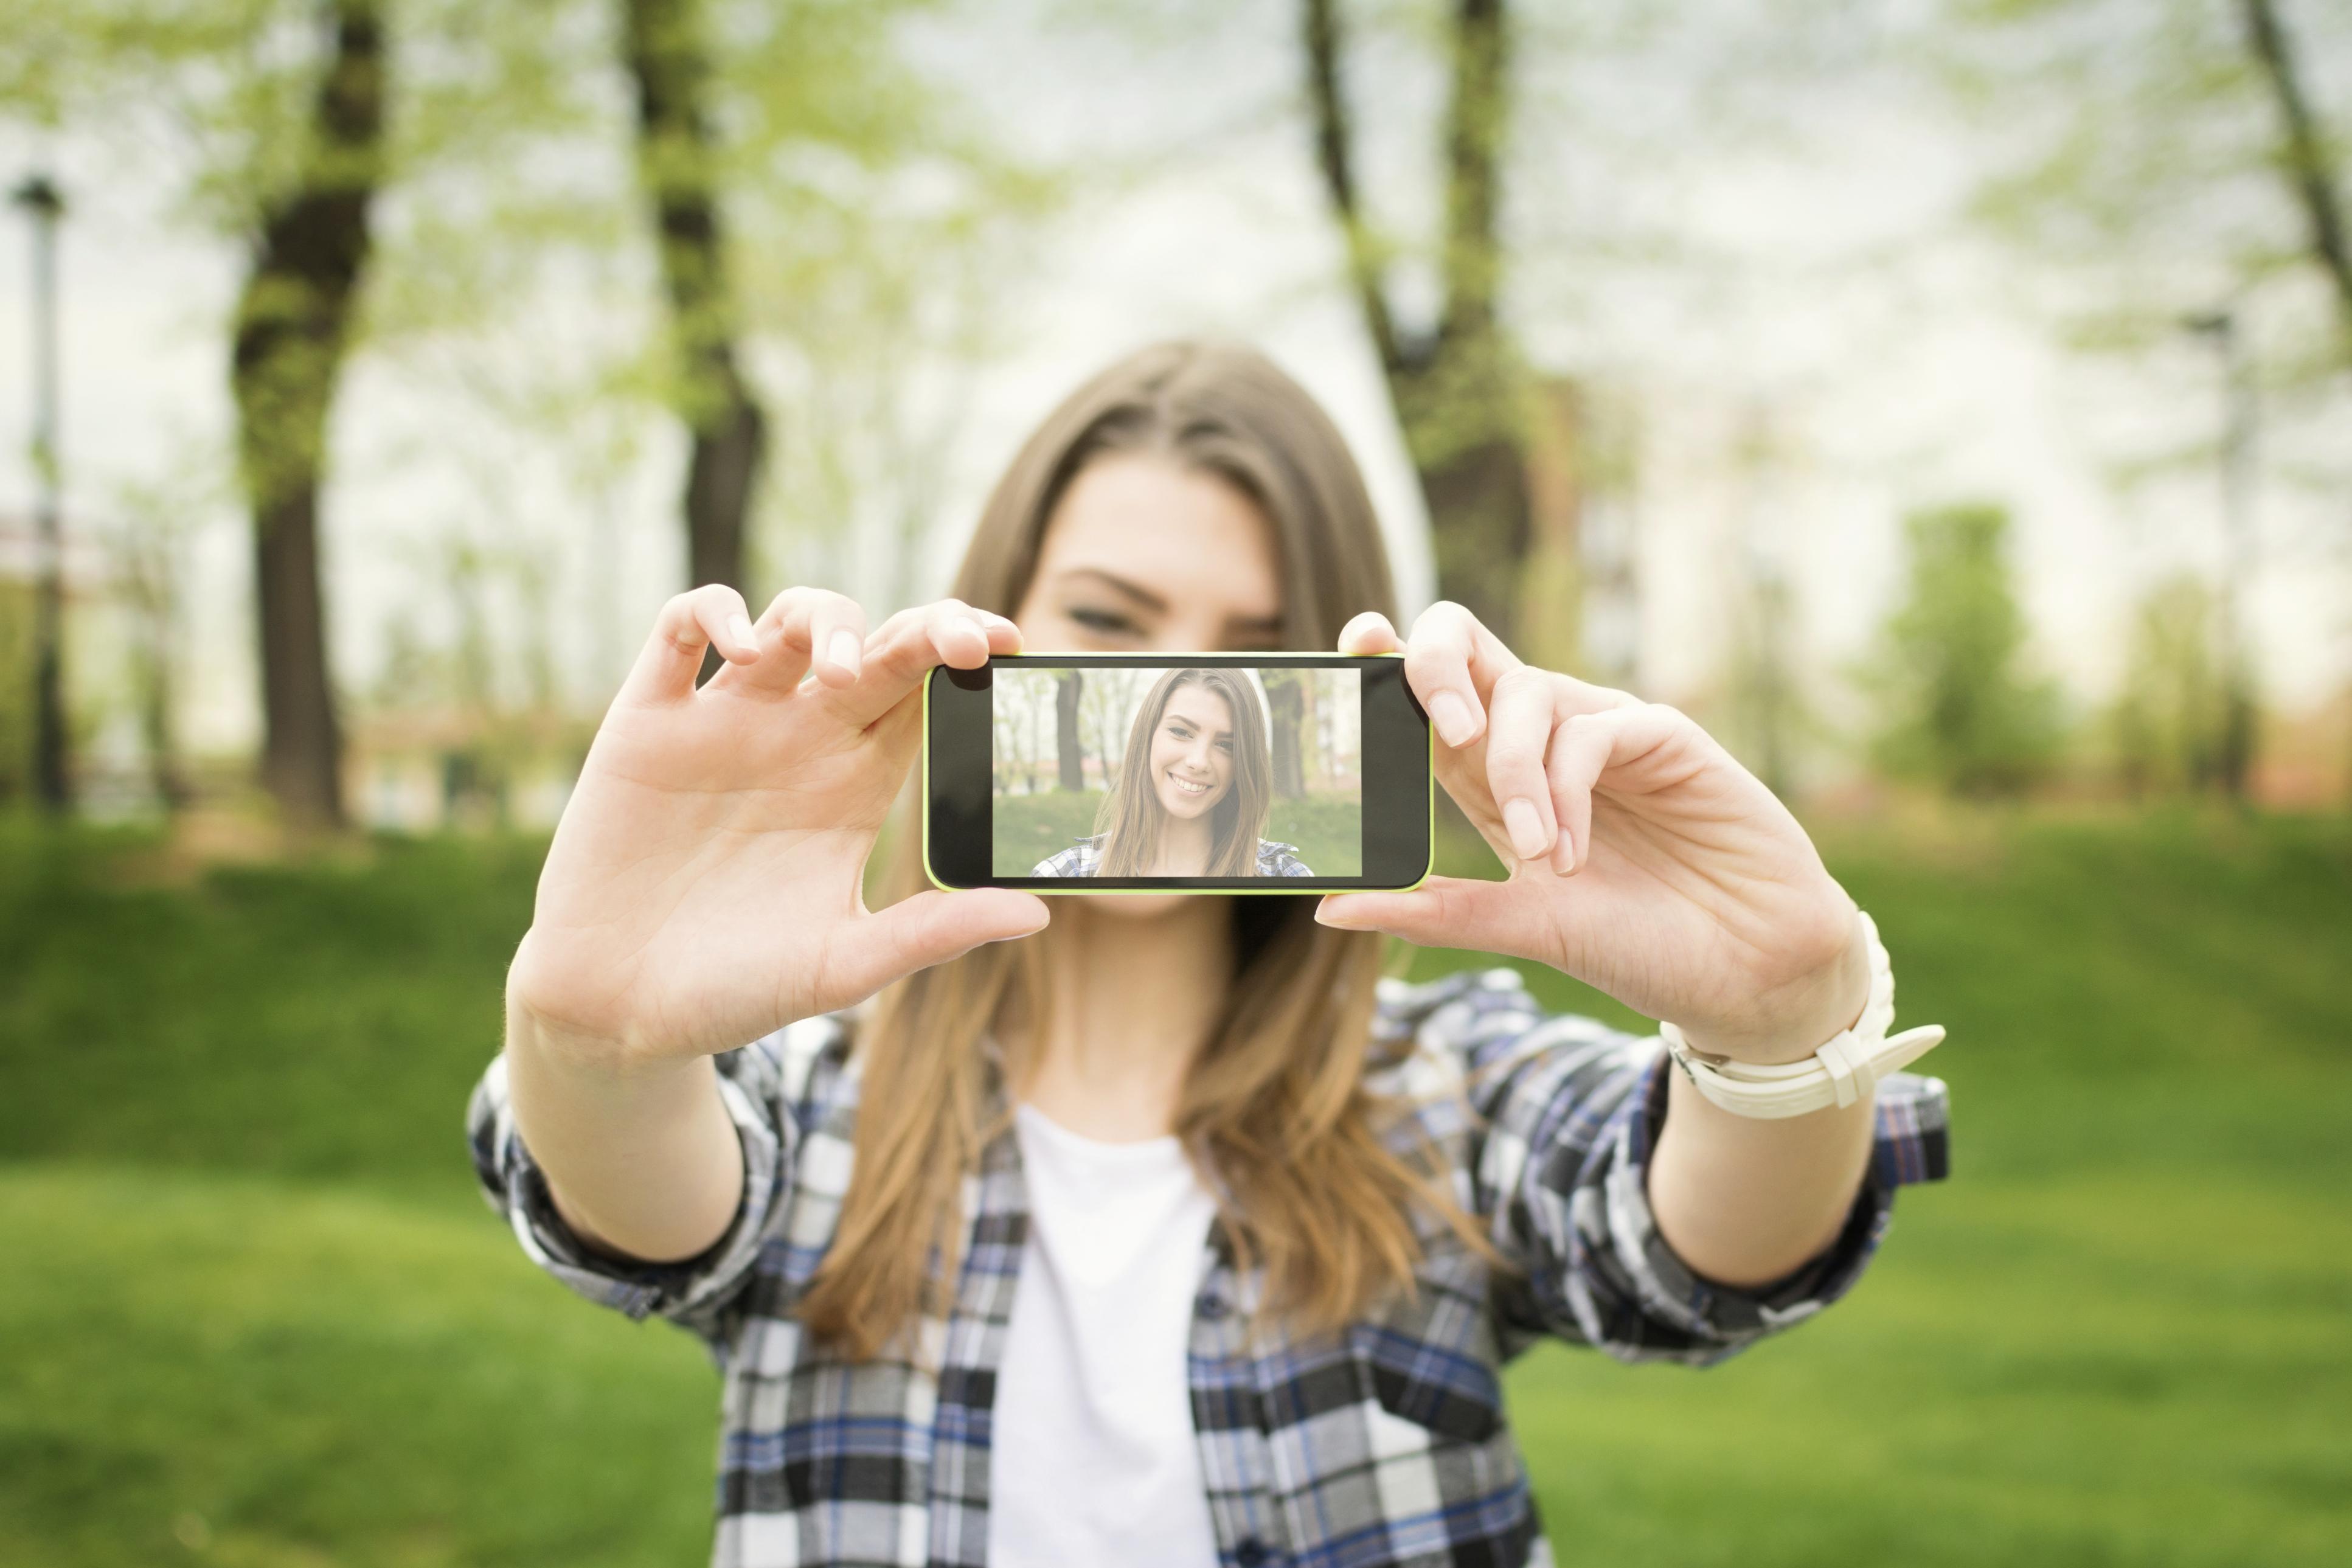 selfie tips